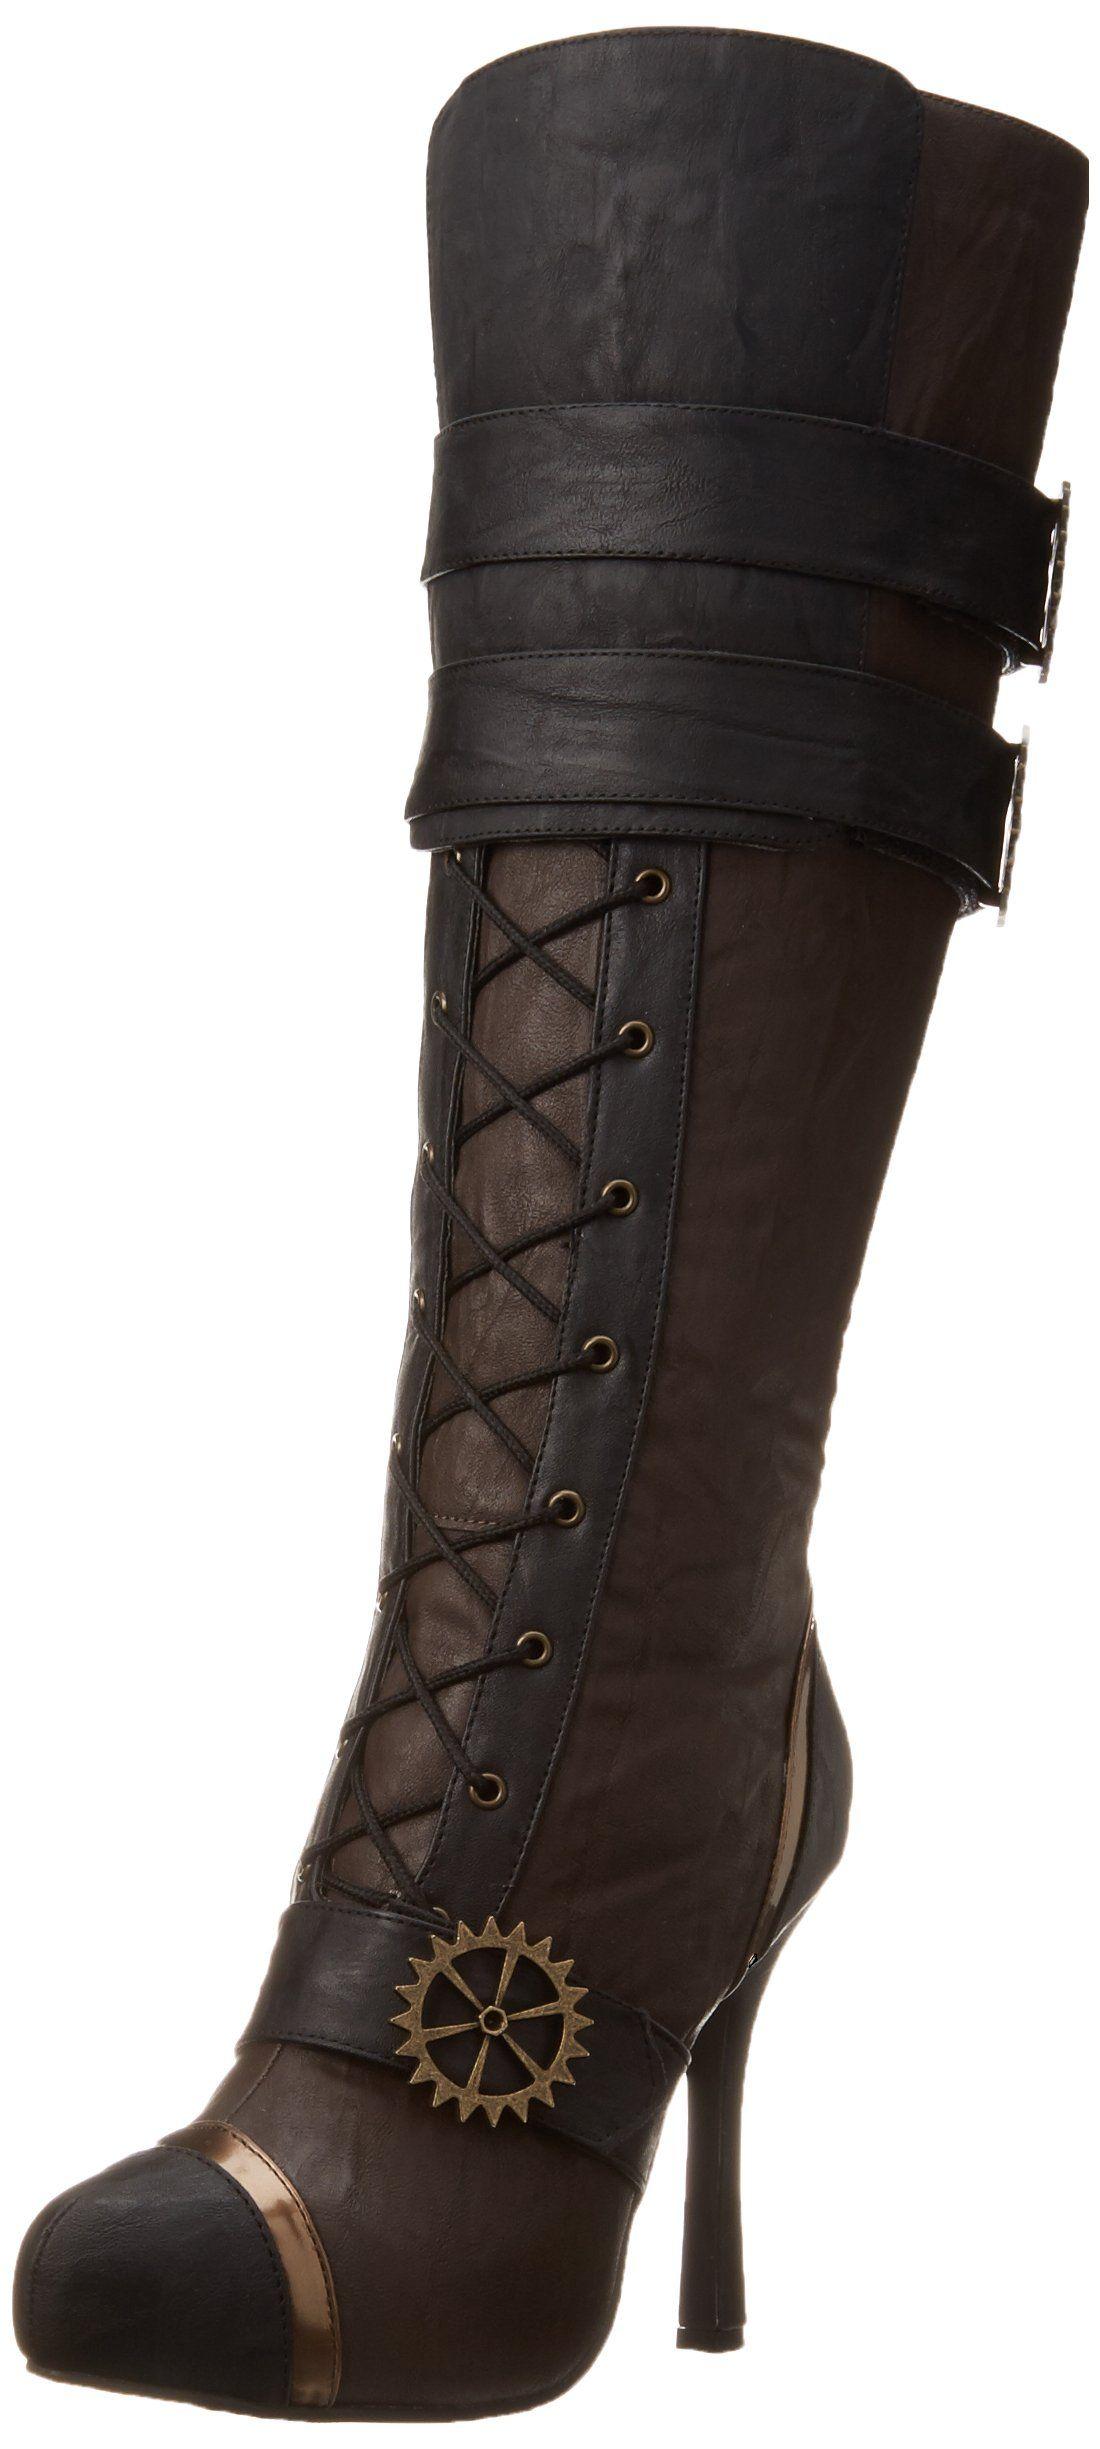 Ellie Shoes Bottes pour Femme - Noir - Noir K5yjD1,